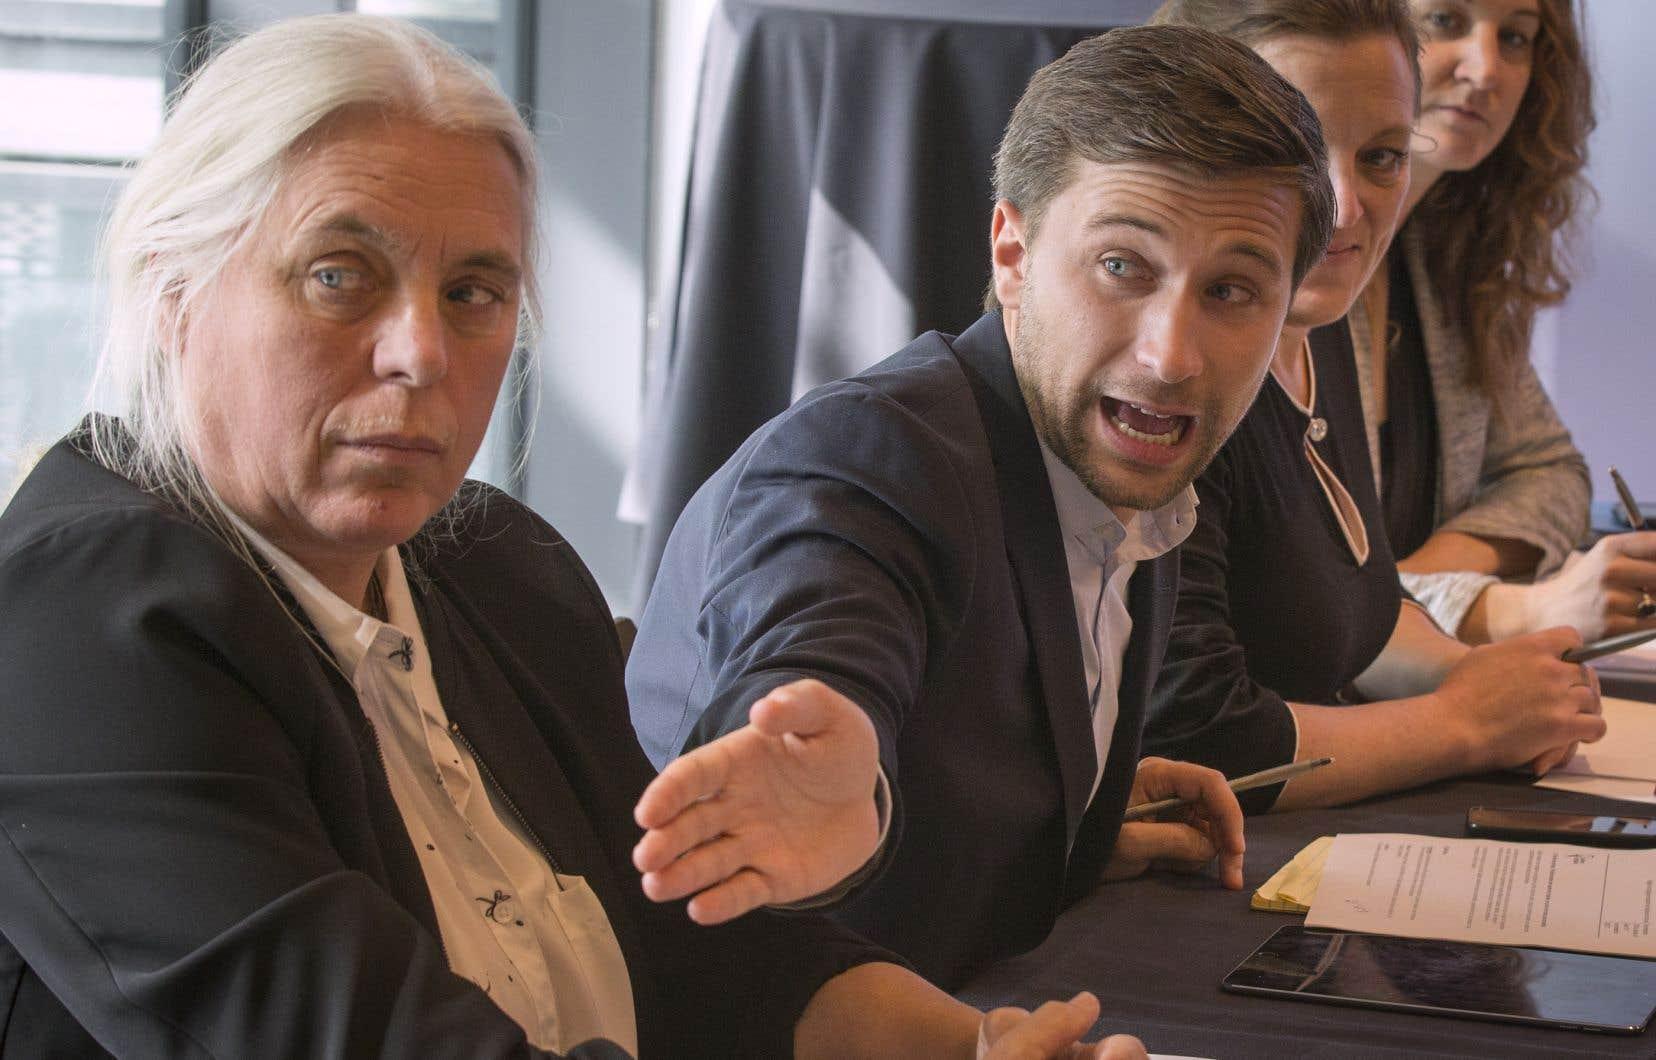 Les co-porte-parole de Québec solidaire, Gabriel Nadeau-Dubois et Manon Massé, ont jugé «contre-productif» de s'attarder à la question des signes religieux dans la fonction publique.